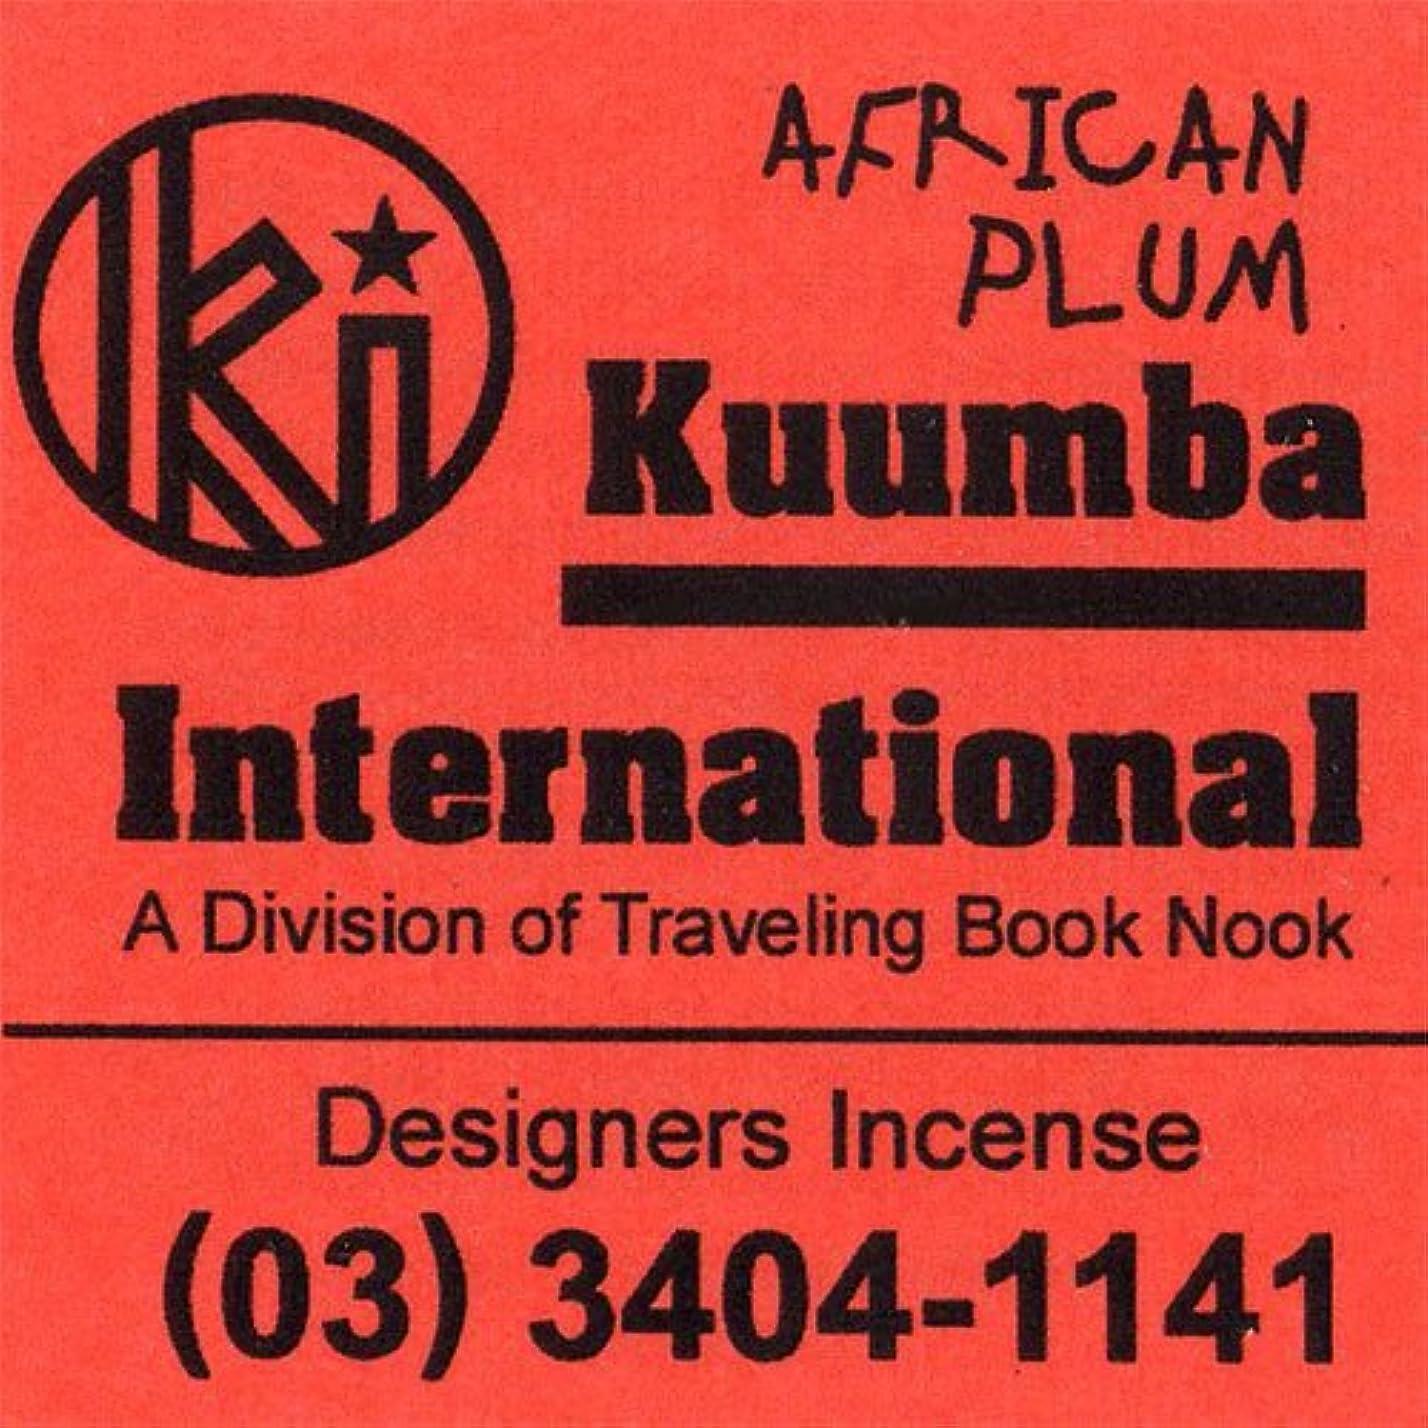 キロメートル州開拓者KUUMBA / クンバ『incense』(AFRICAN PLUM) (Regular size)